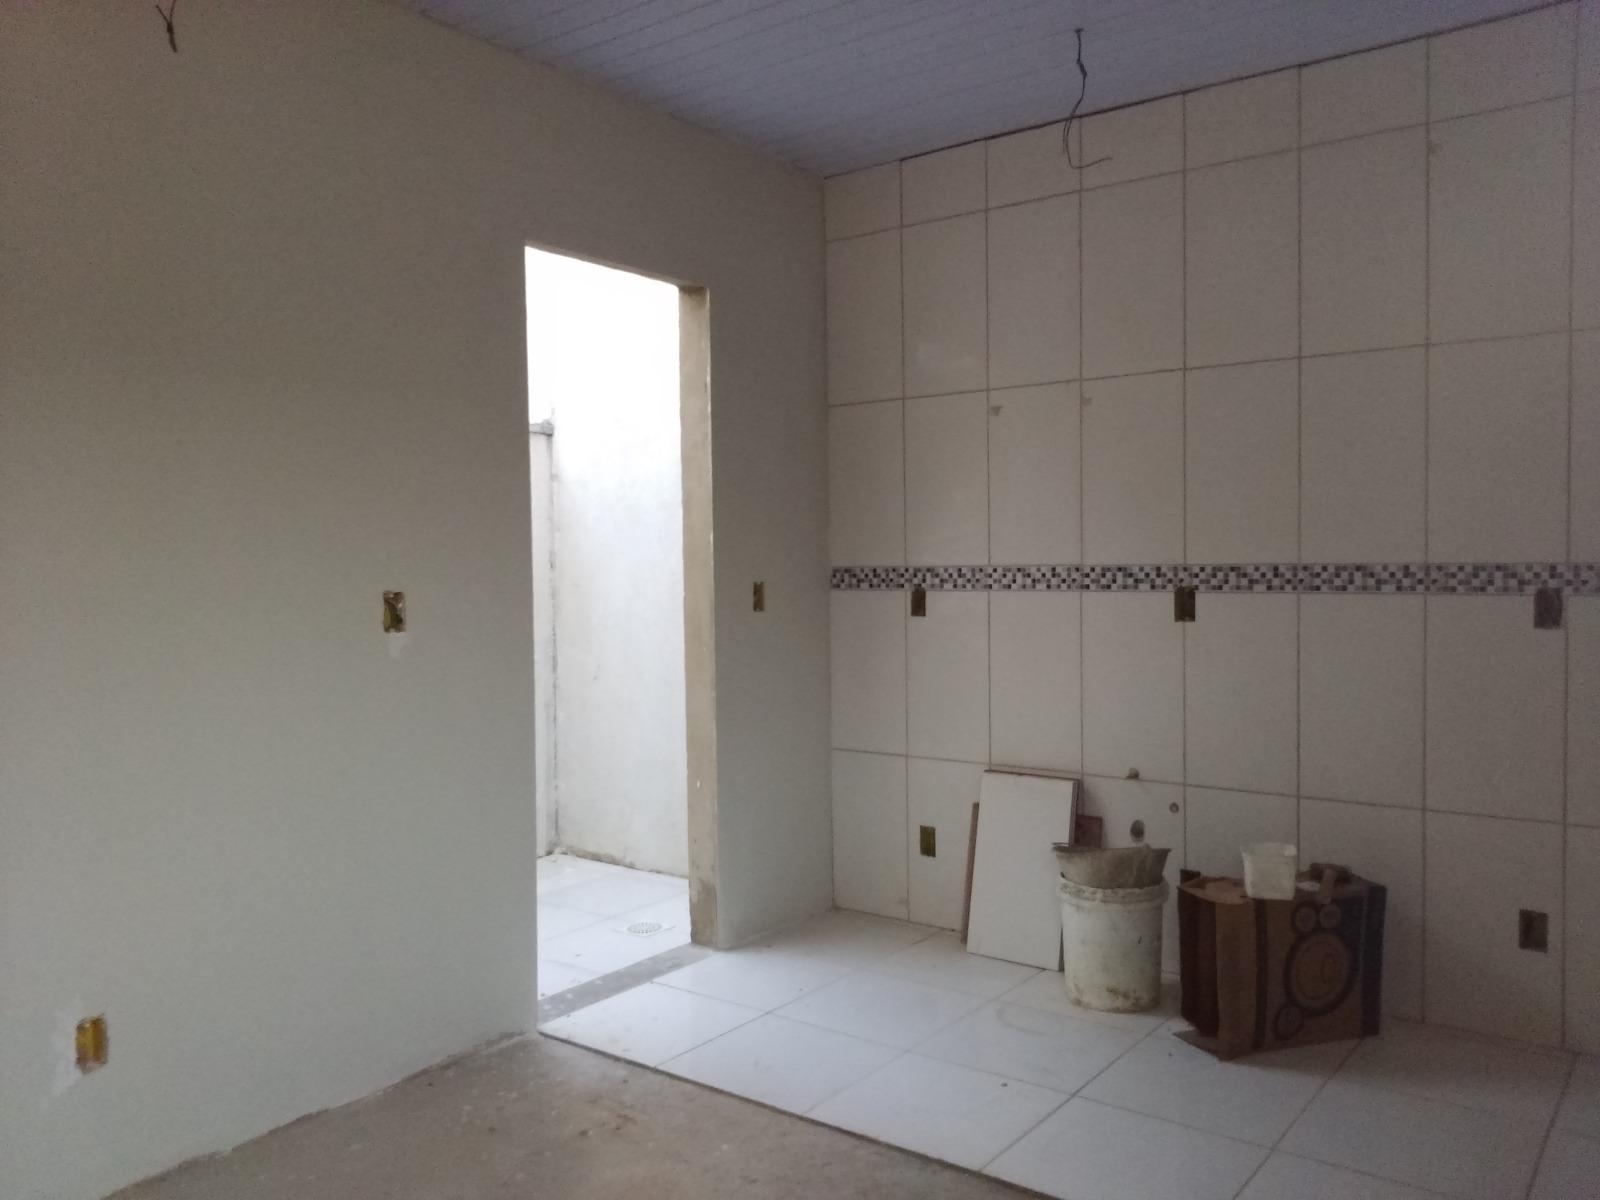 Residencial Lavras - Casa 2 Dorm, Mathias Velho, Canoas (BD2905) - Foto 3